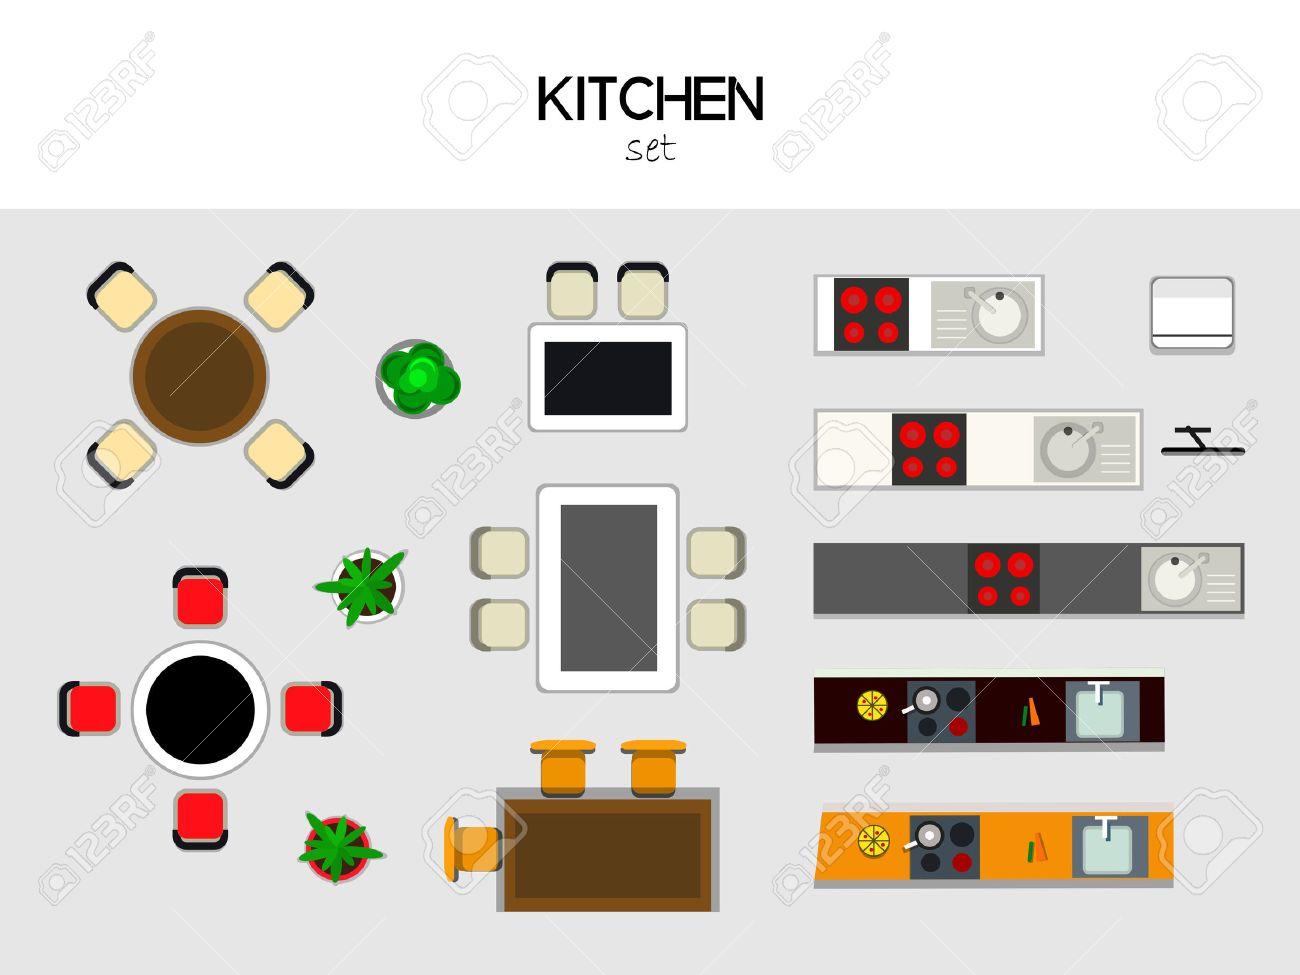 Ensemble De Meubles Pour La Kithen Vue De Dessus Table Avec Des Chaises Cuisine Avec Evier Et La Cuisiniere Refrigerateur Tv